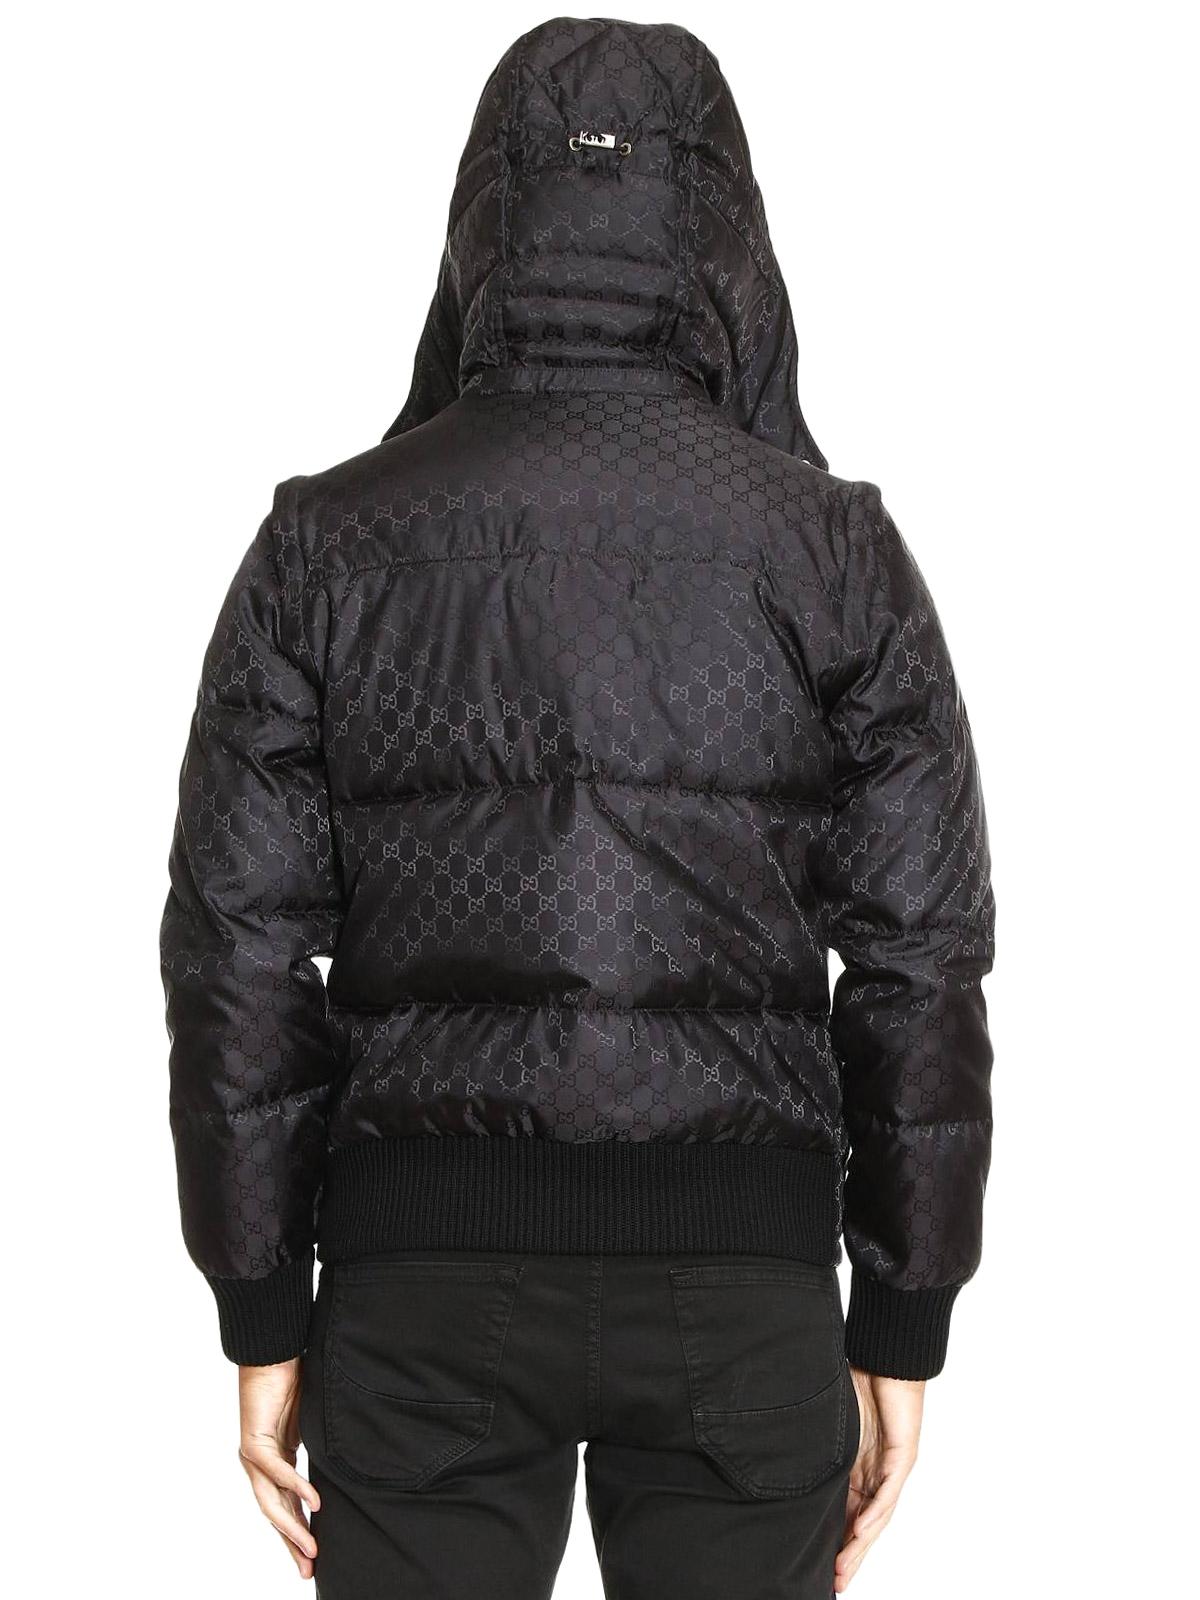 Gucci Gg Jacquard Nylon Puffer Jacket Padded Jackets